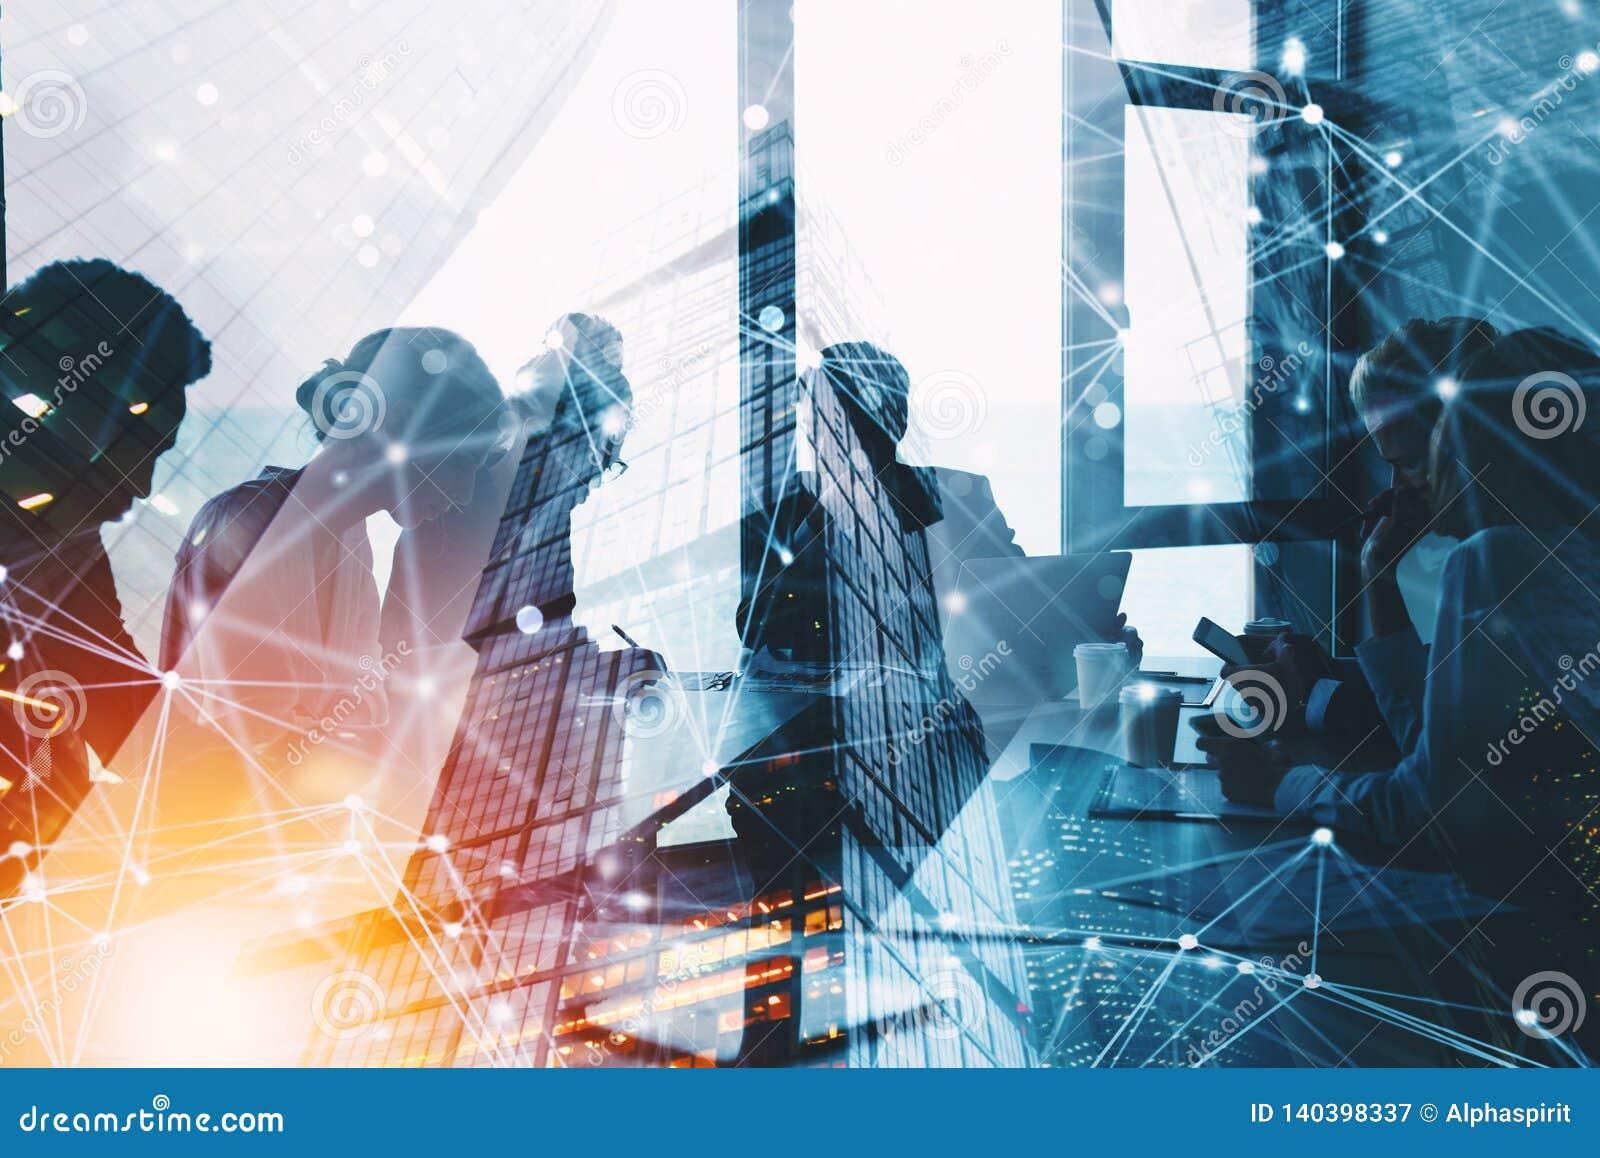 Konturn av affärsfolk arbetar tillsammans i regeringsställning Begrepp av teamwork och partnerskap dubbel exponering med nätverke